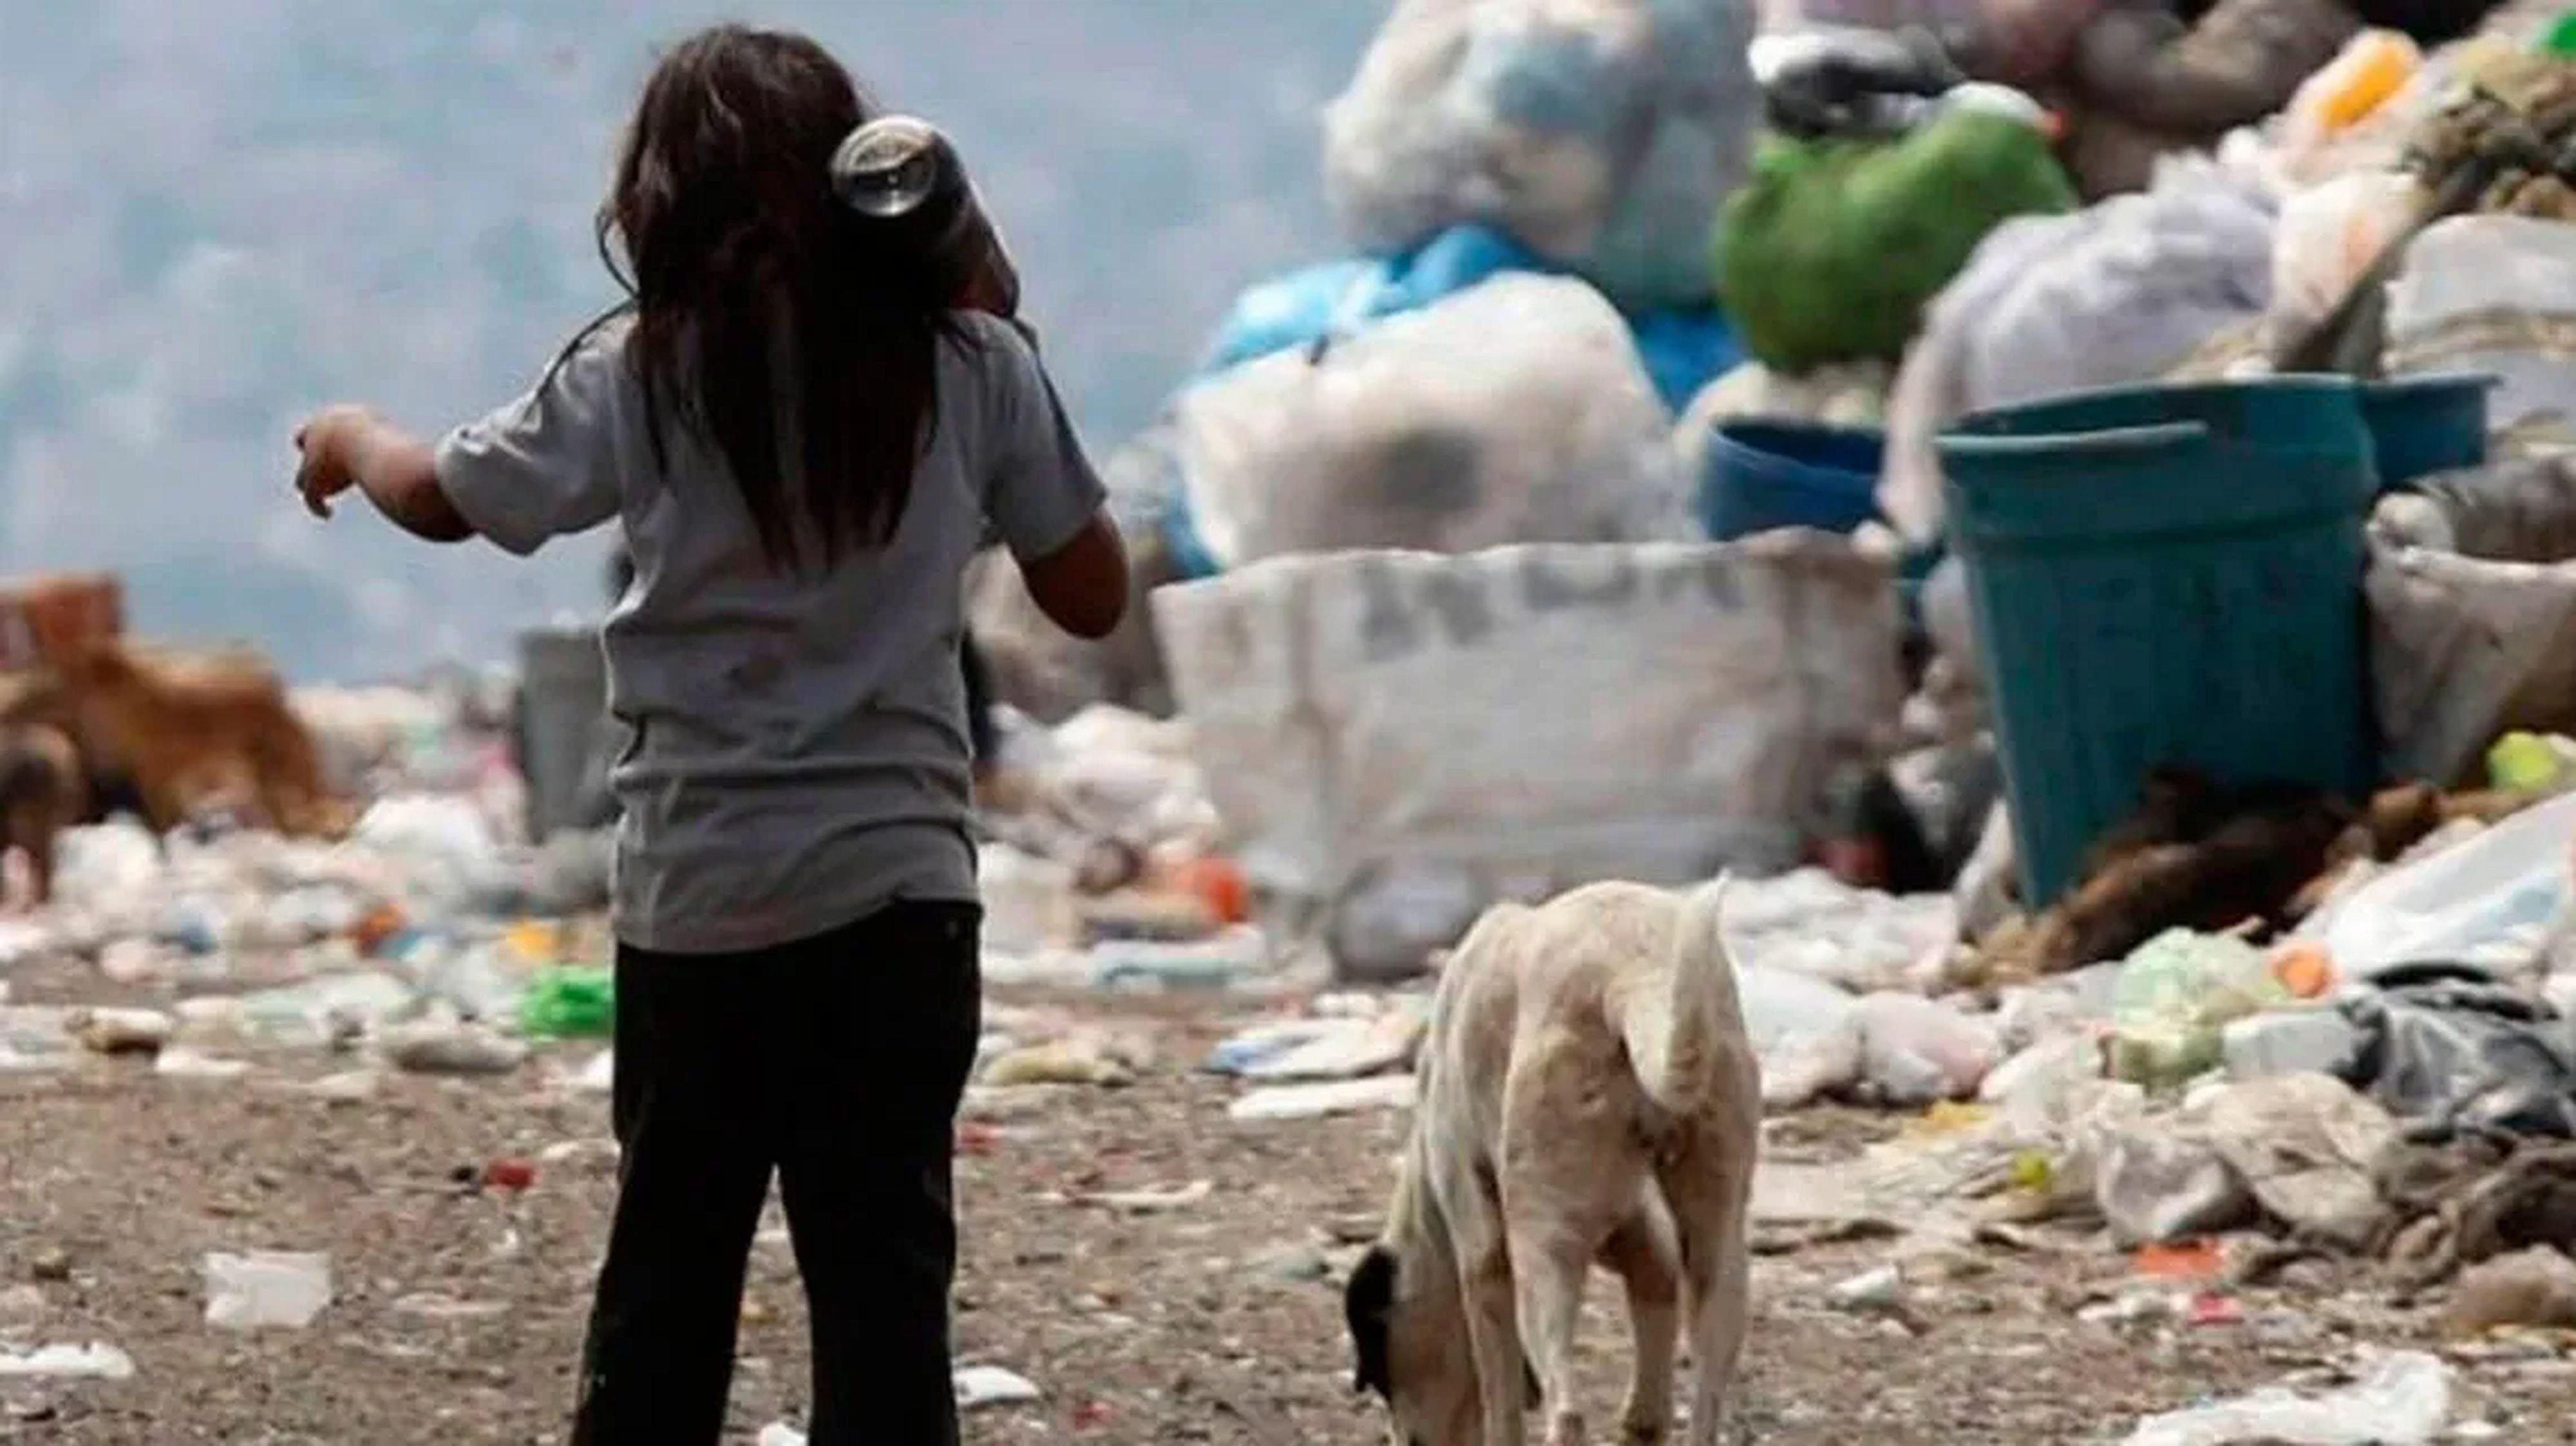 La pandemia empujará al hambre a 14 millones de personas en Latinoamérica